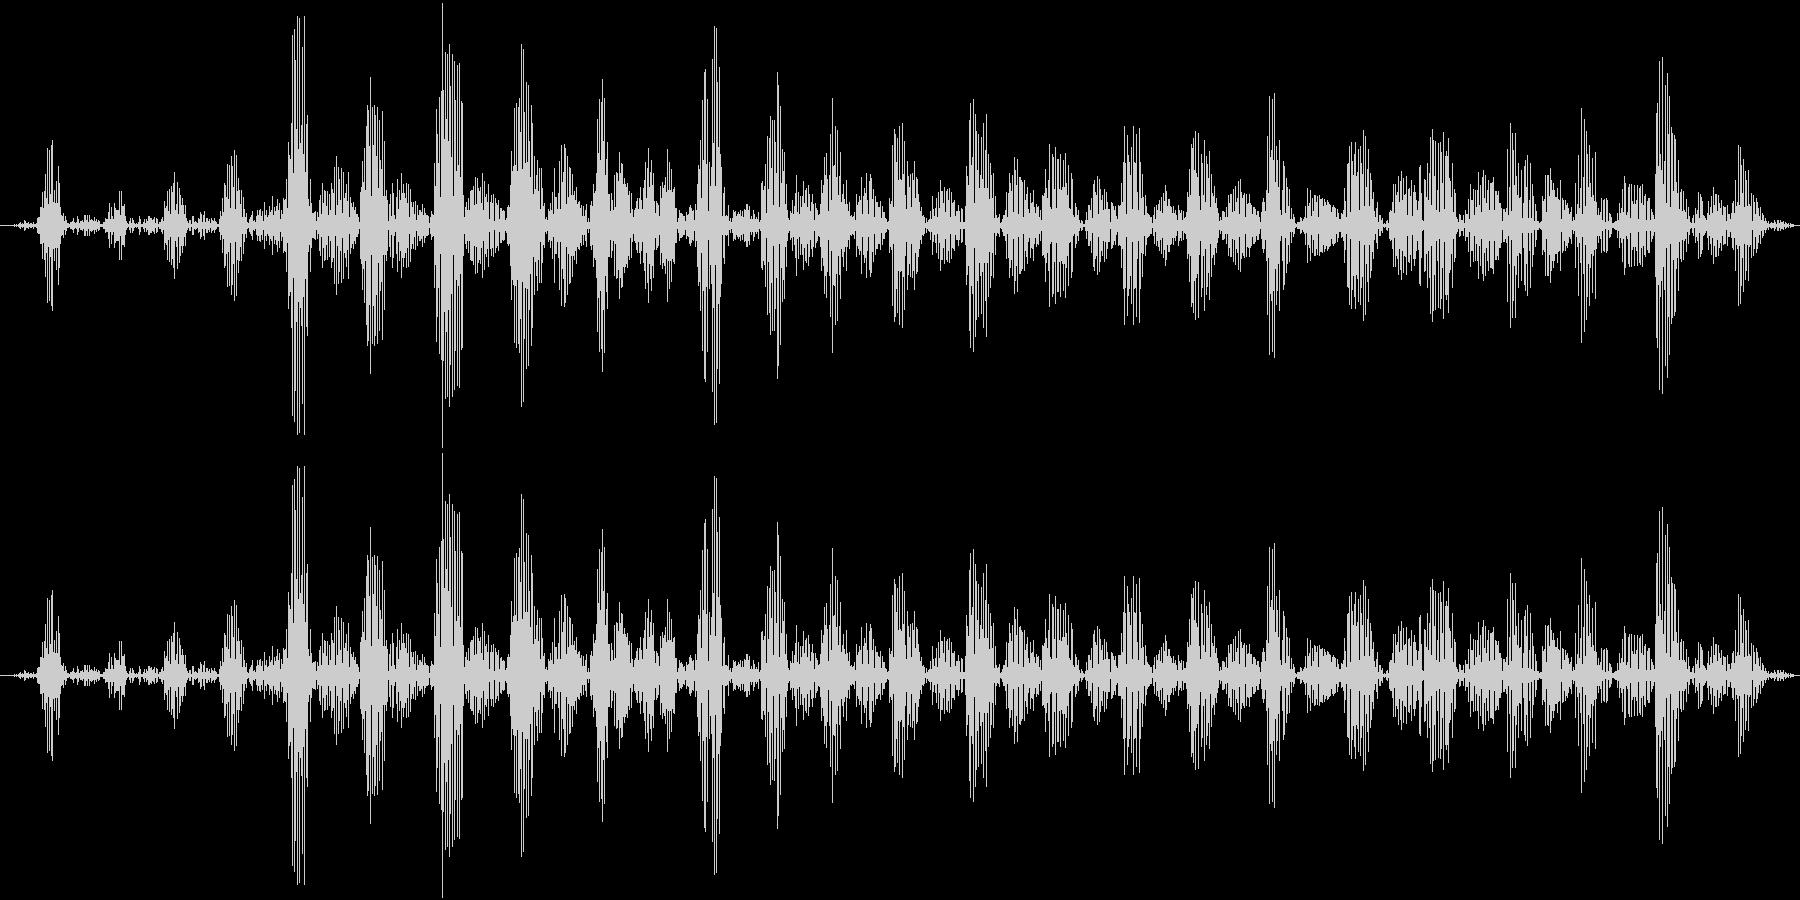 ゴロゴロ(猫が喉を鳴らす)の未再生の波形